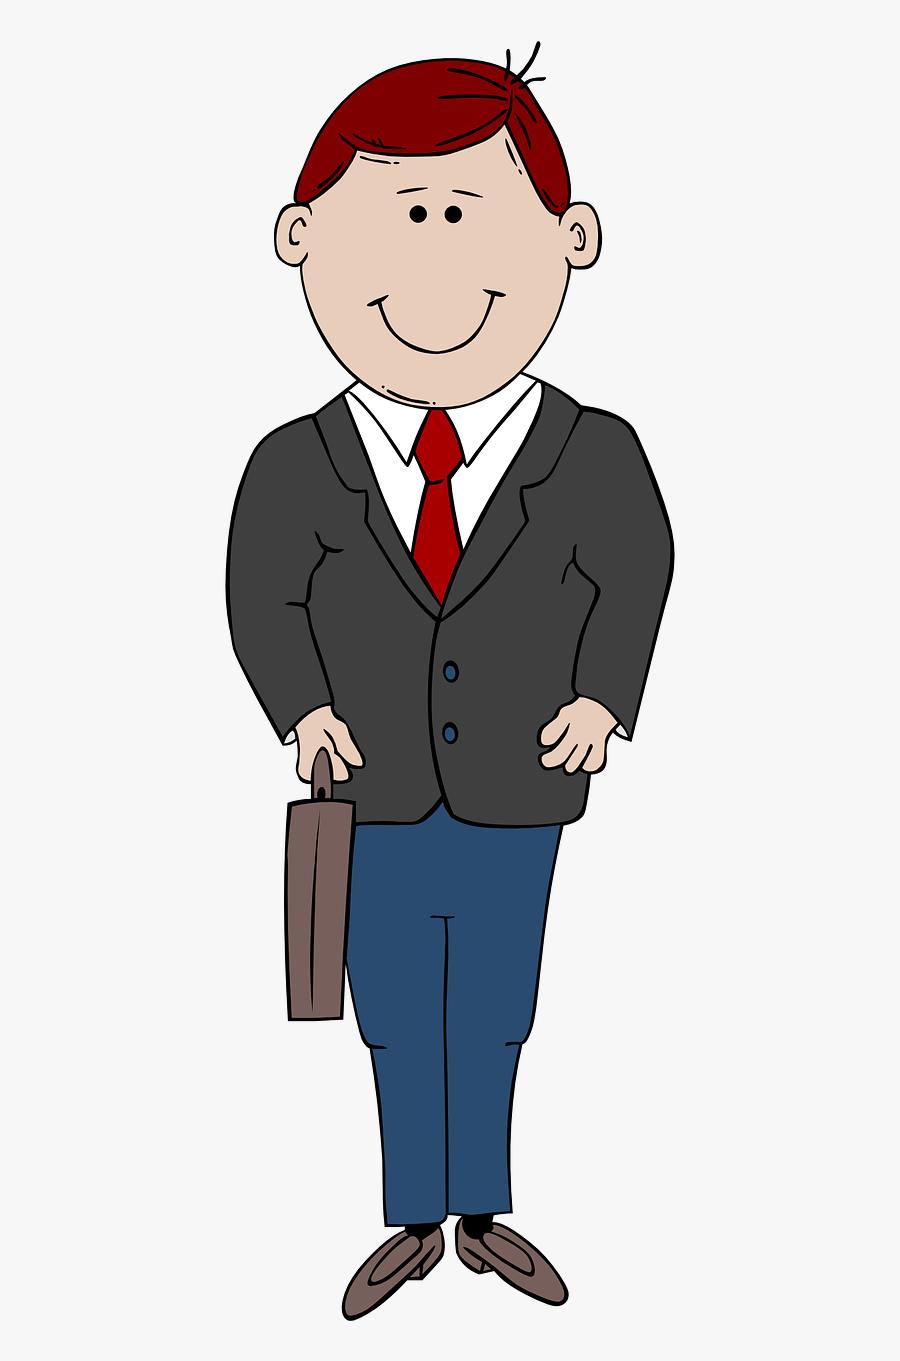 Cartoon Man In Suit, Transparent Clipart